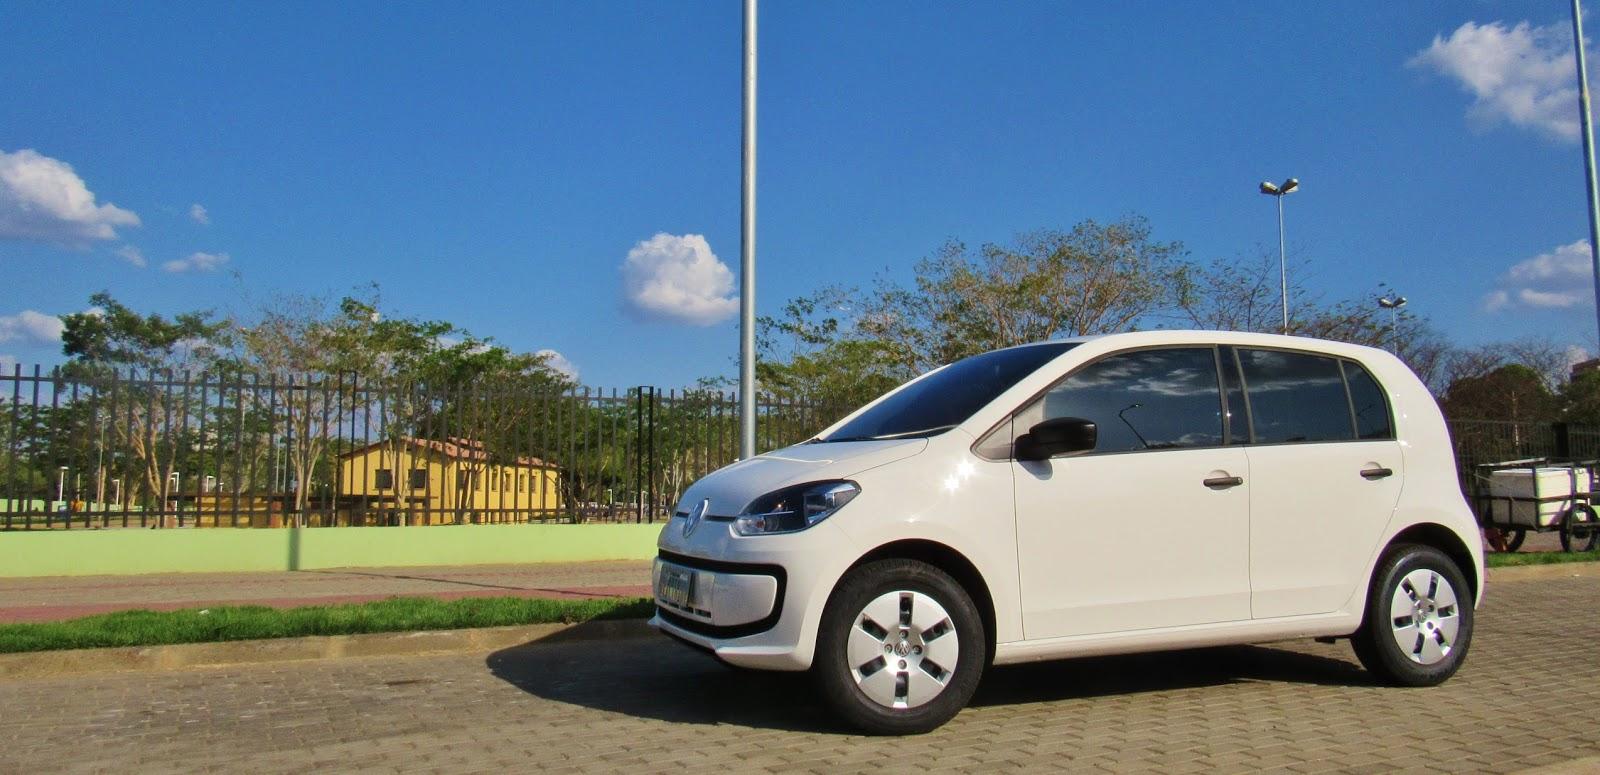 Saiba porque o Volkswagen up! é o compacto mais tecnológico, seguro e econômico do Brasil